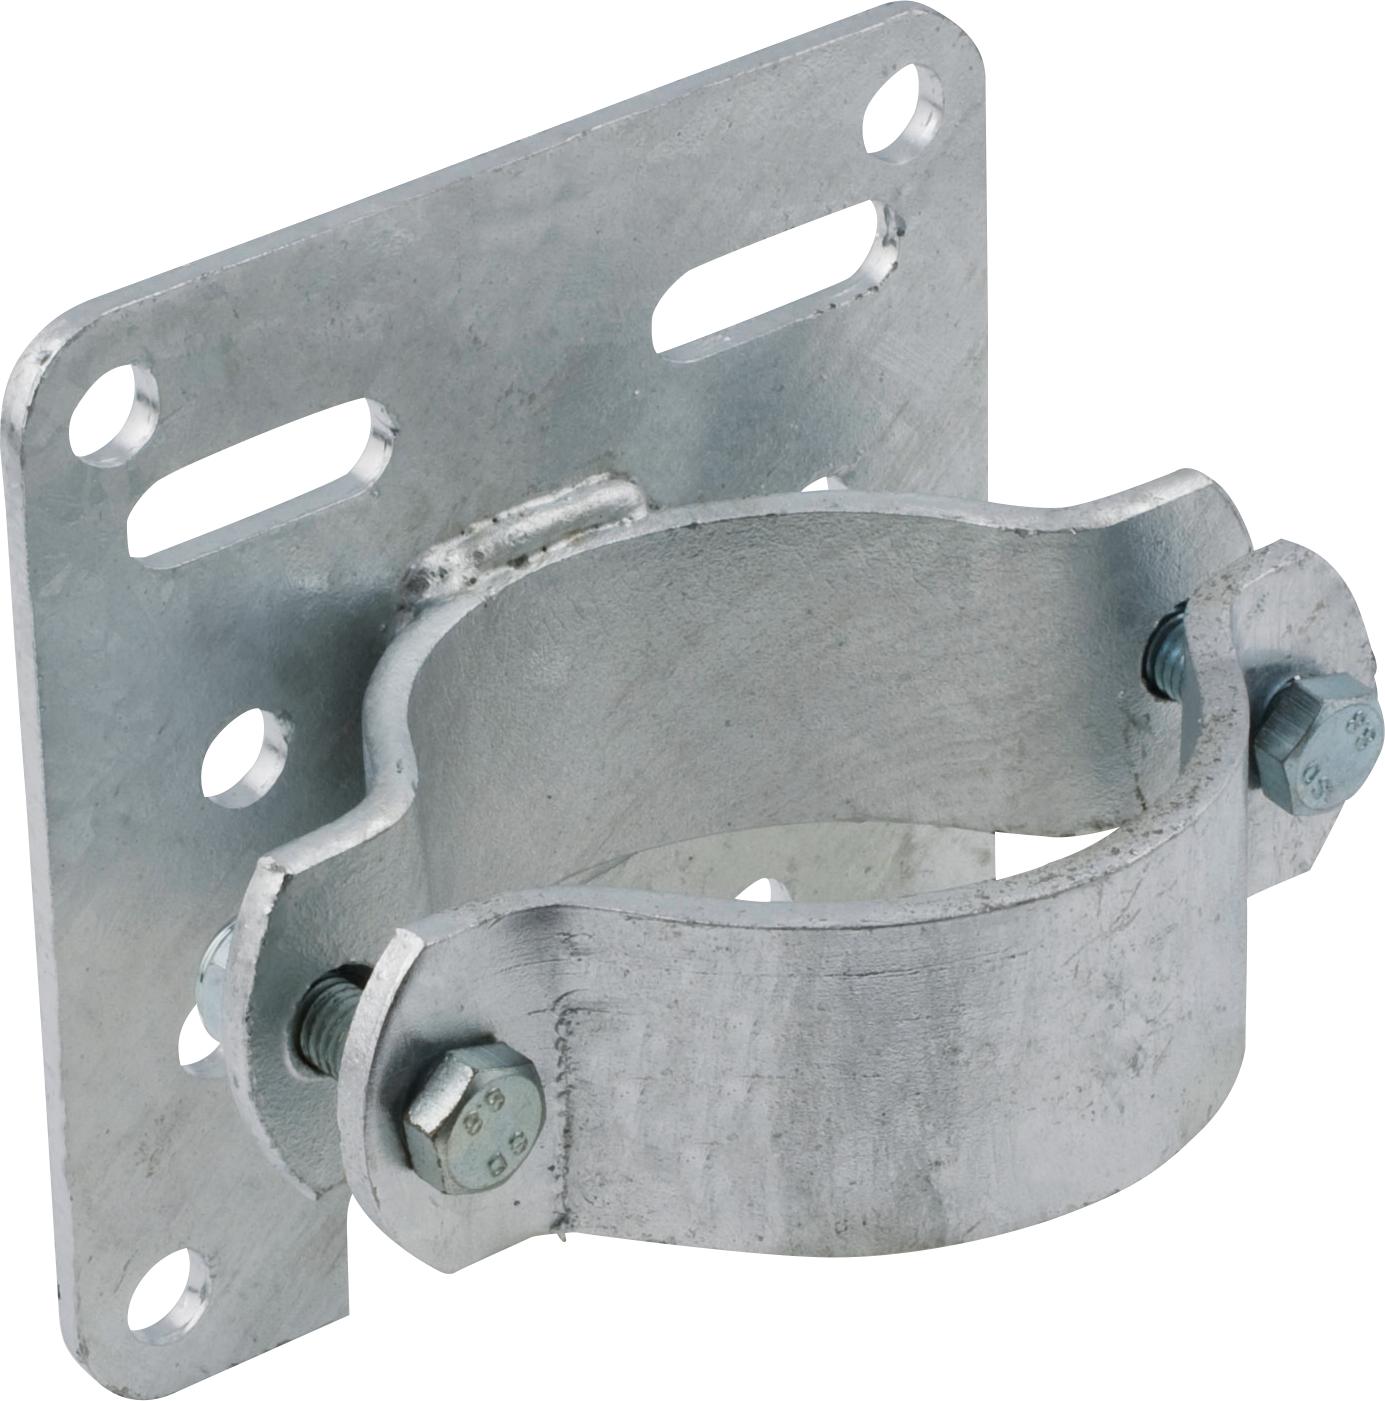 Schelle d=102 mm, mit Halter für Tränkebecken